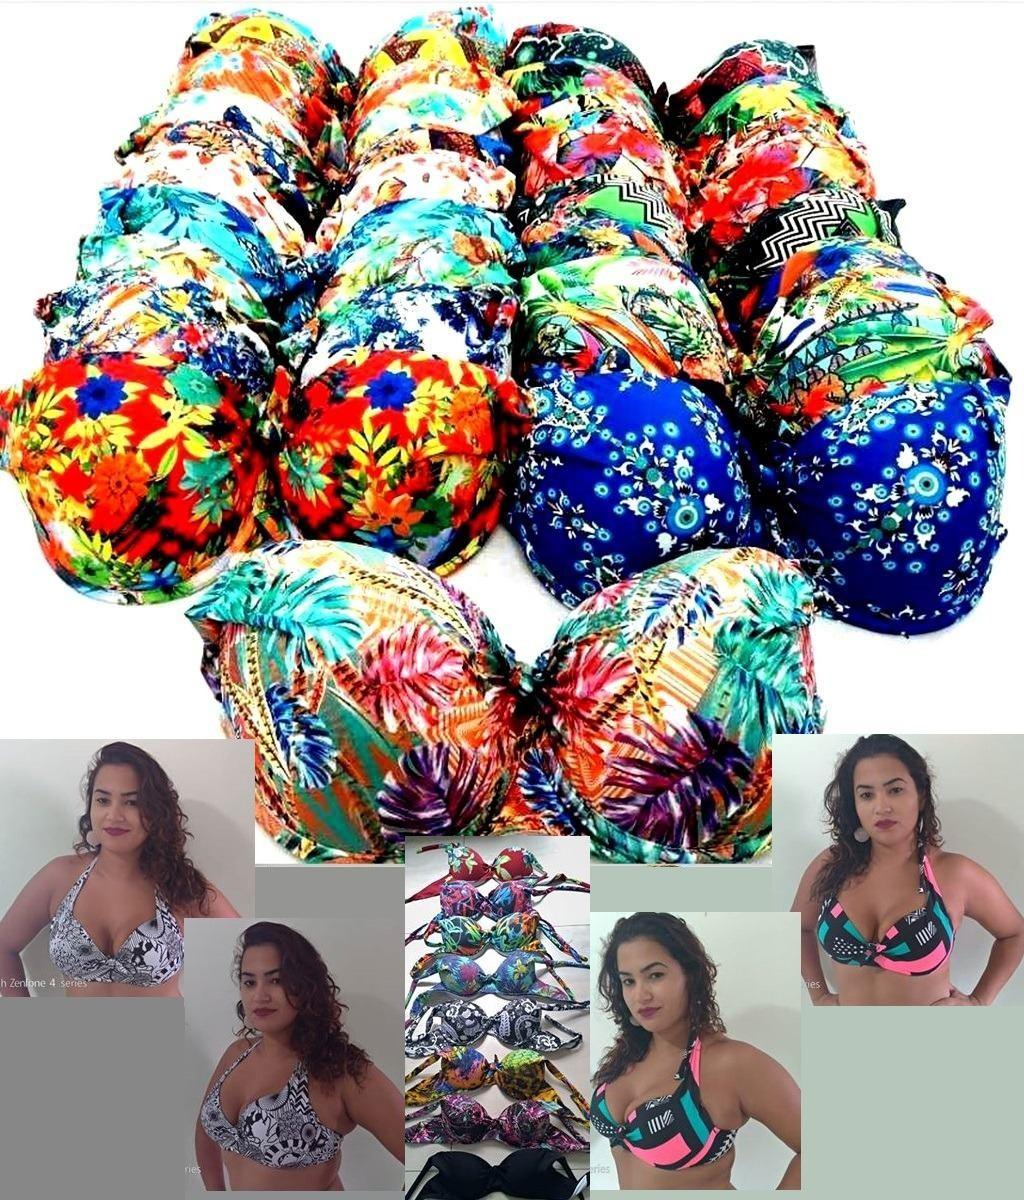 47e165f49e0b Biquíni Bojo Plus Size - Tamanho 48 Até 58 - R$ 39,89 em Mercado Livre